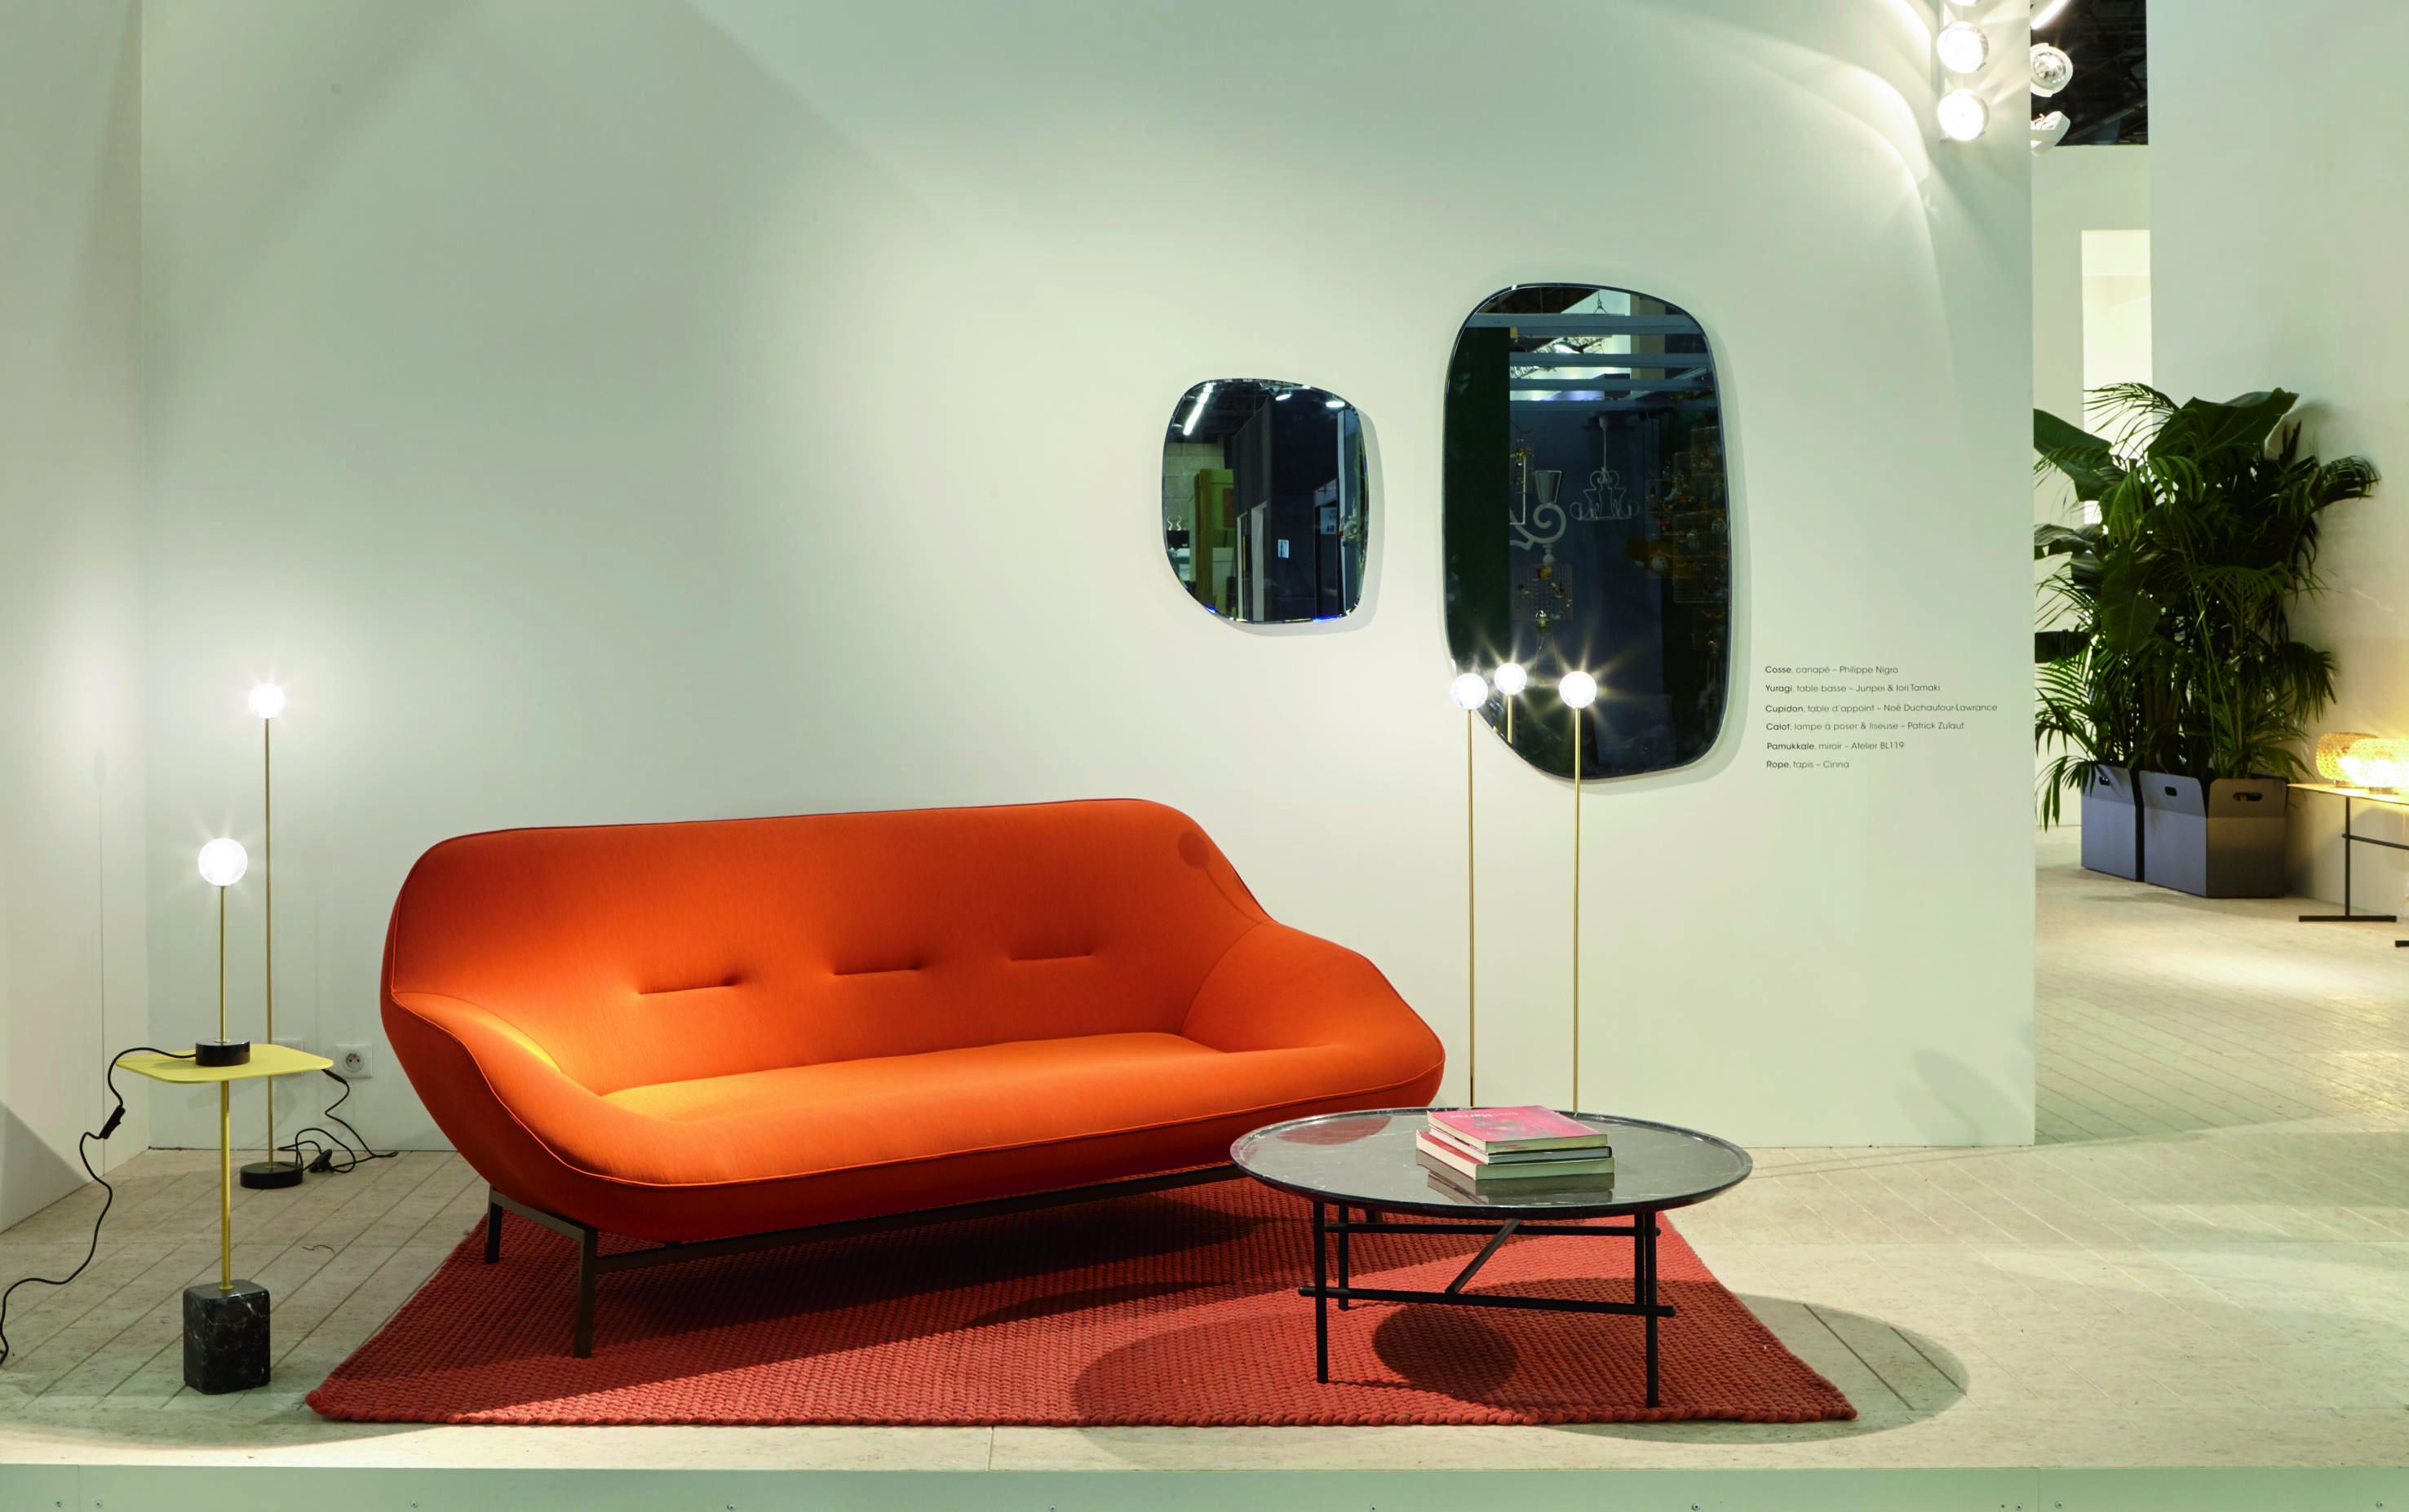 Pin By Ligne Roset Uk On Maison Objet Paris 2019 Upholstery Design Home Decor